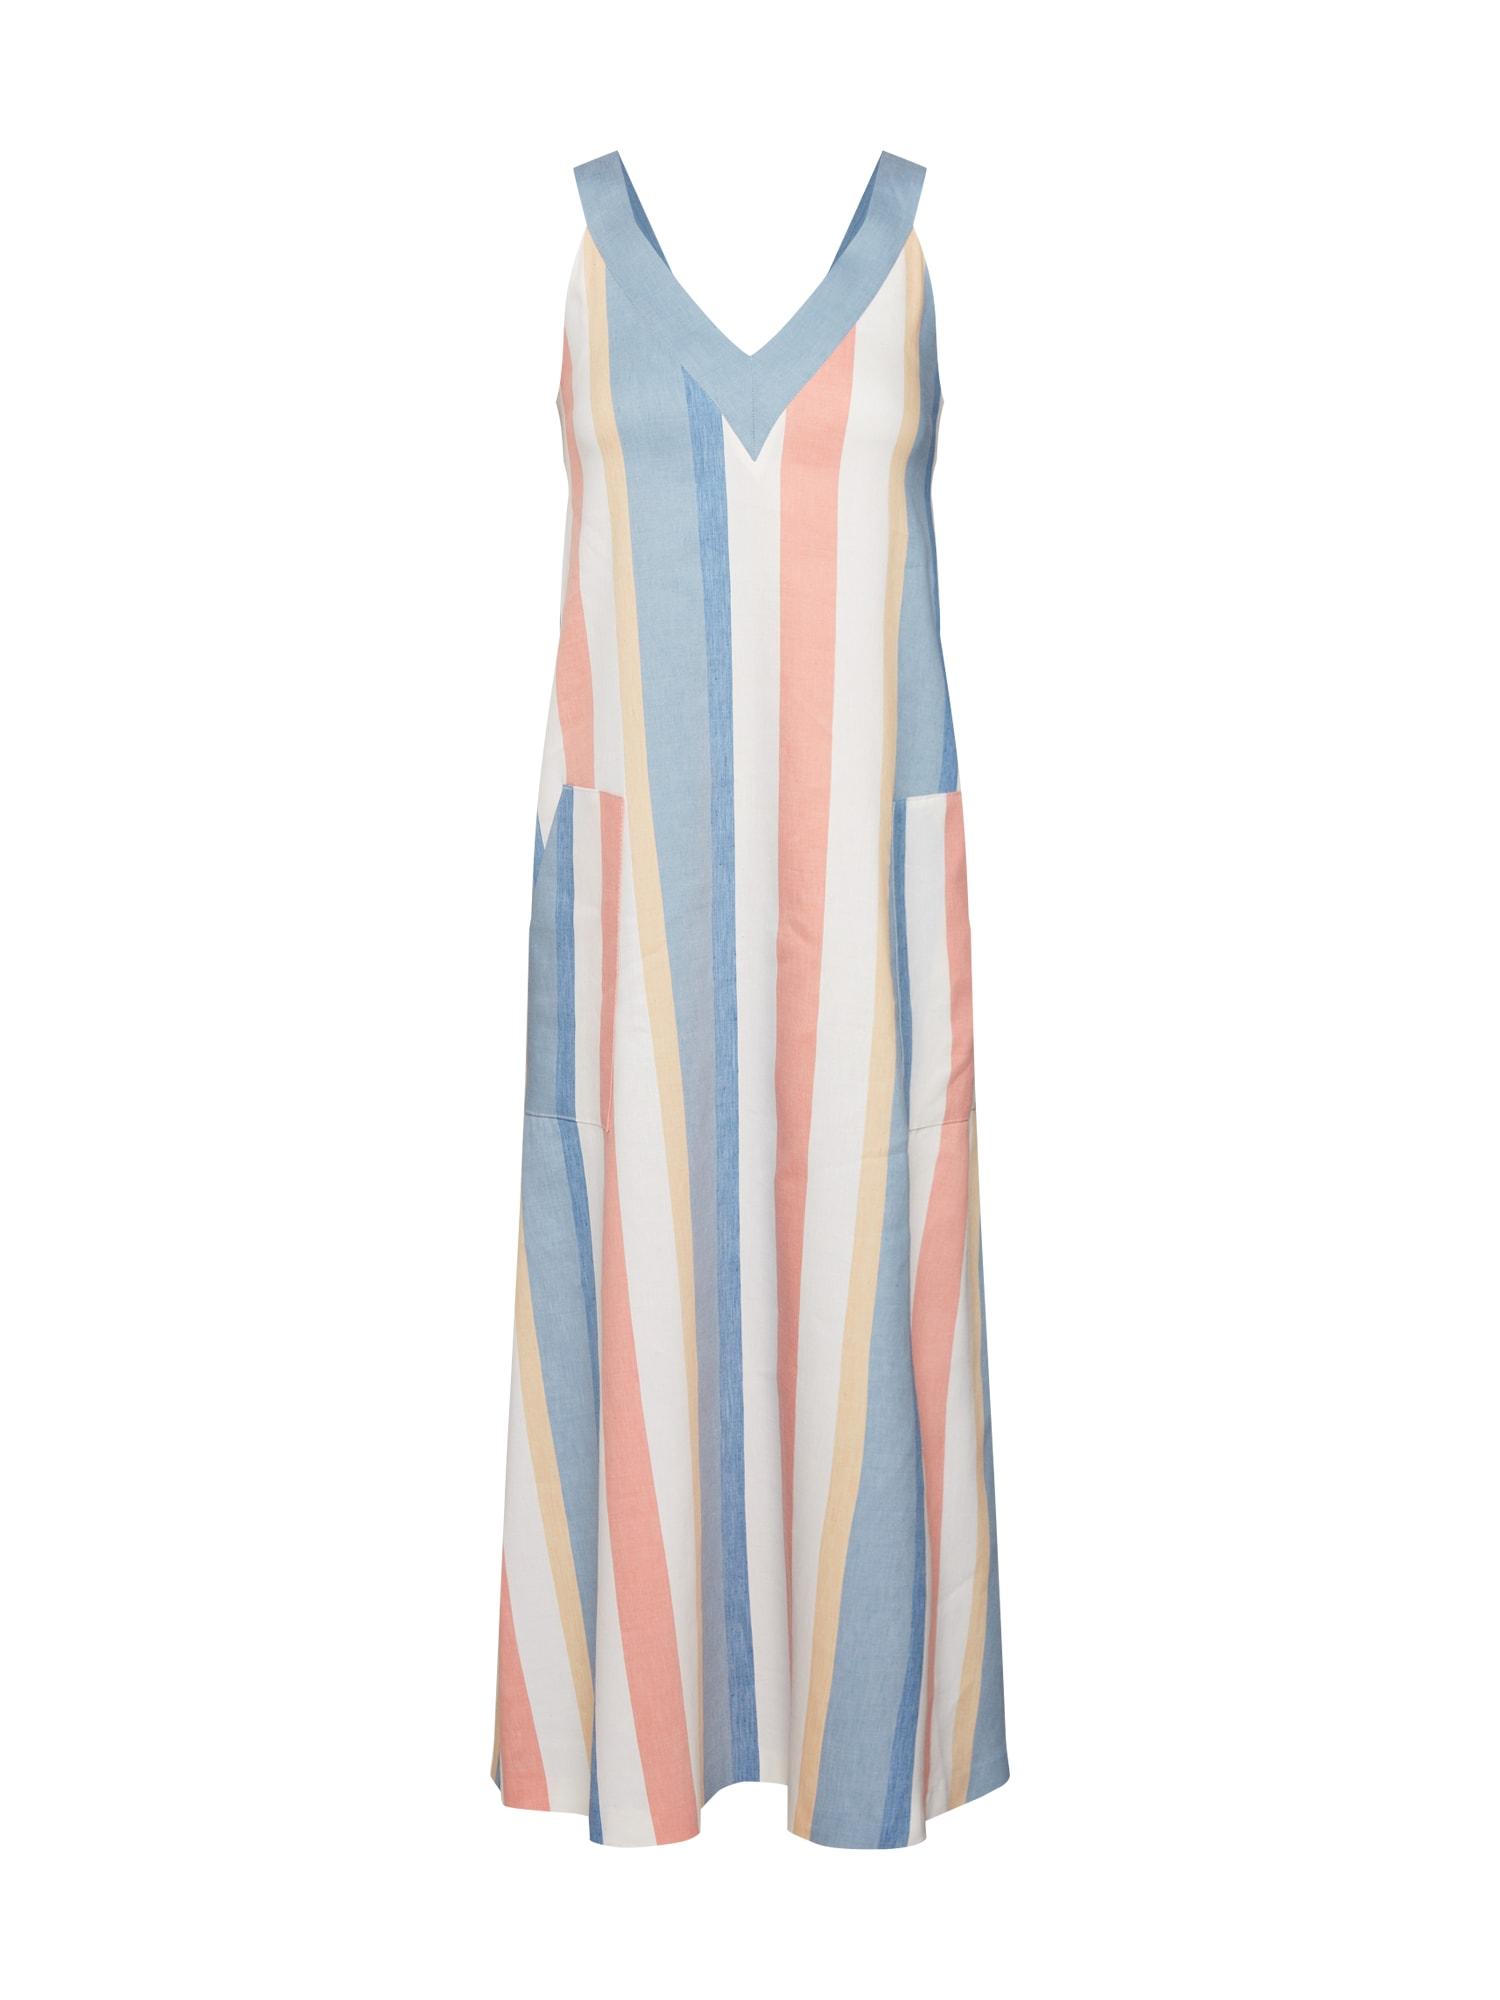 Letní šaty Anamy modrá pastelově žlutá starorůžová bílá BOSS